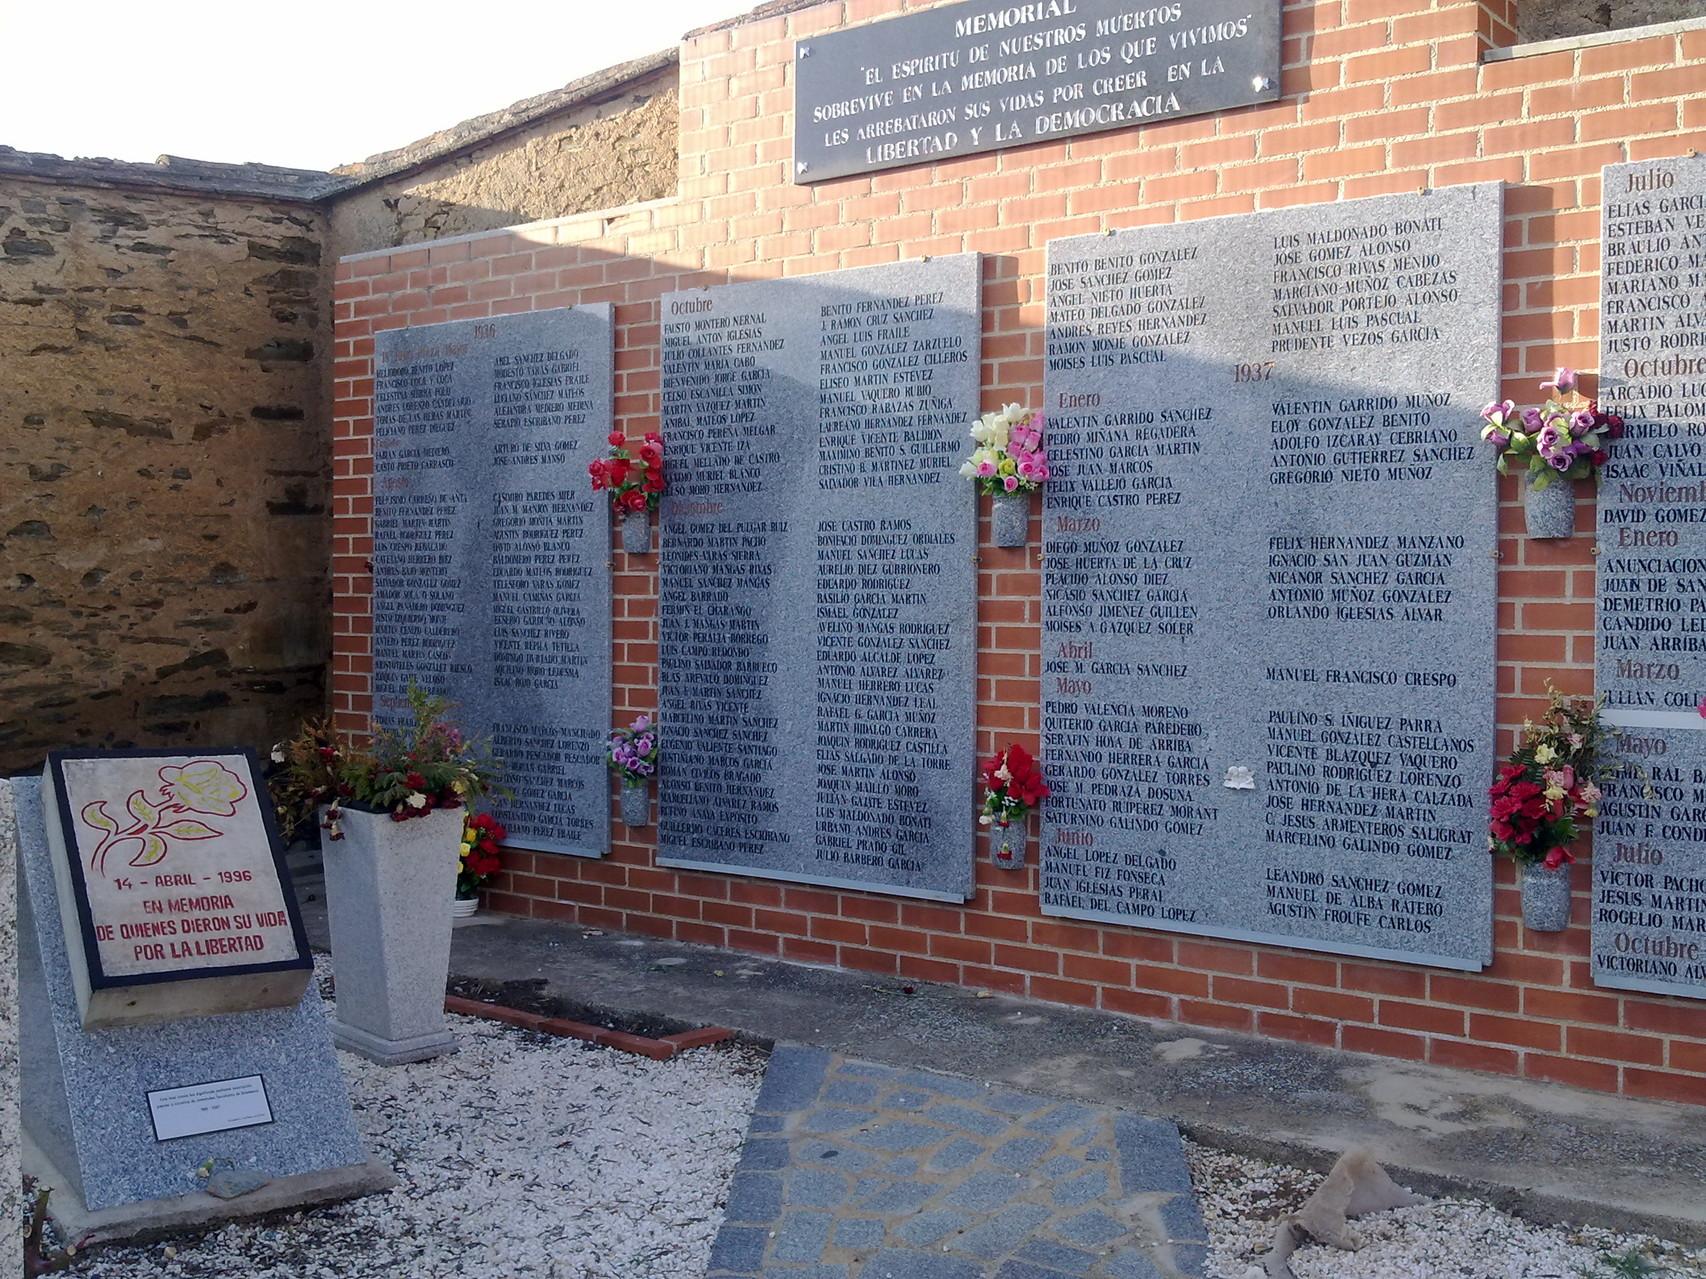 Memorial cementerio de Salamanca, foto propia